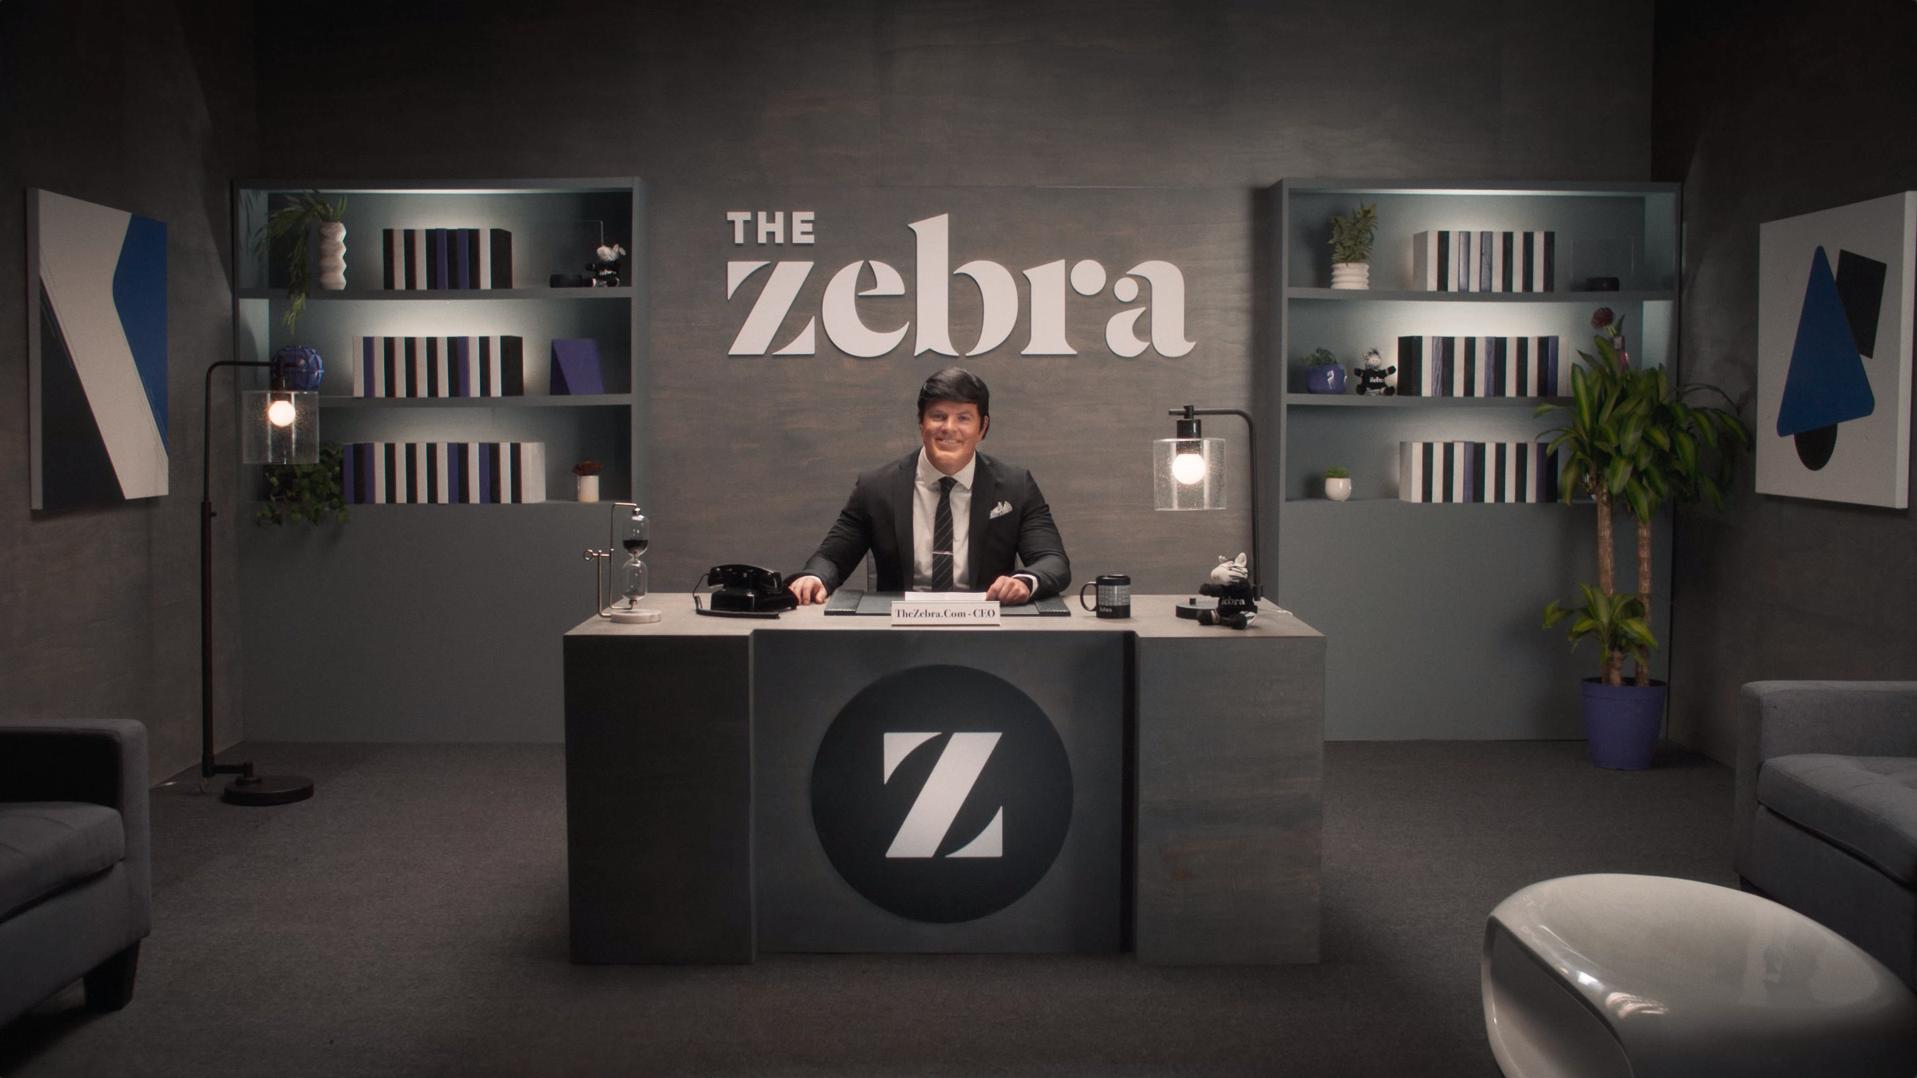 The Zebra.com_1.jpeg